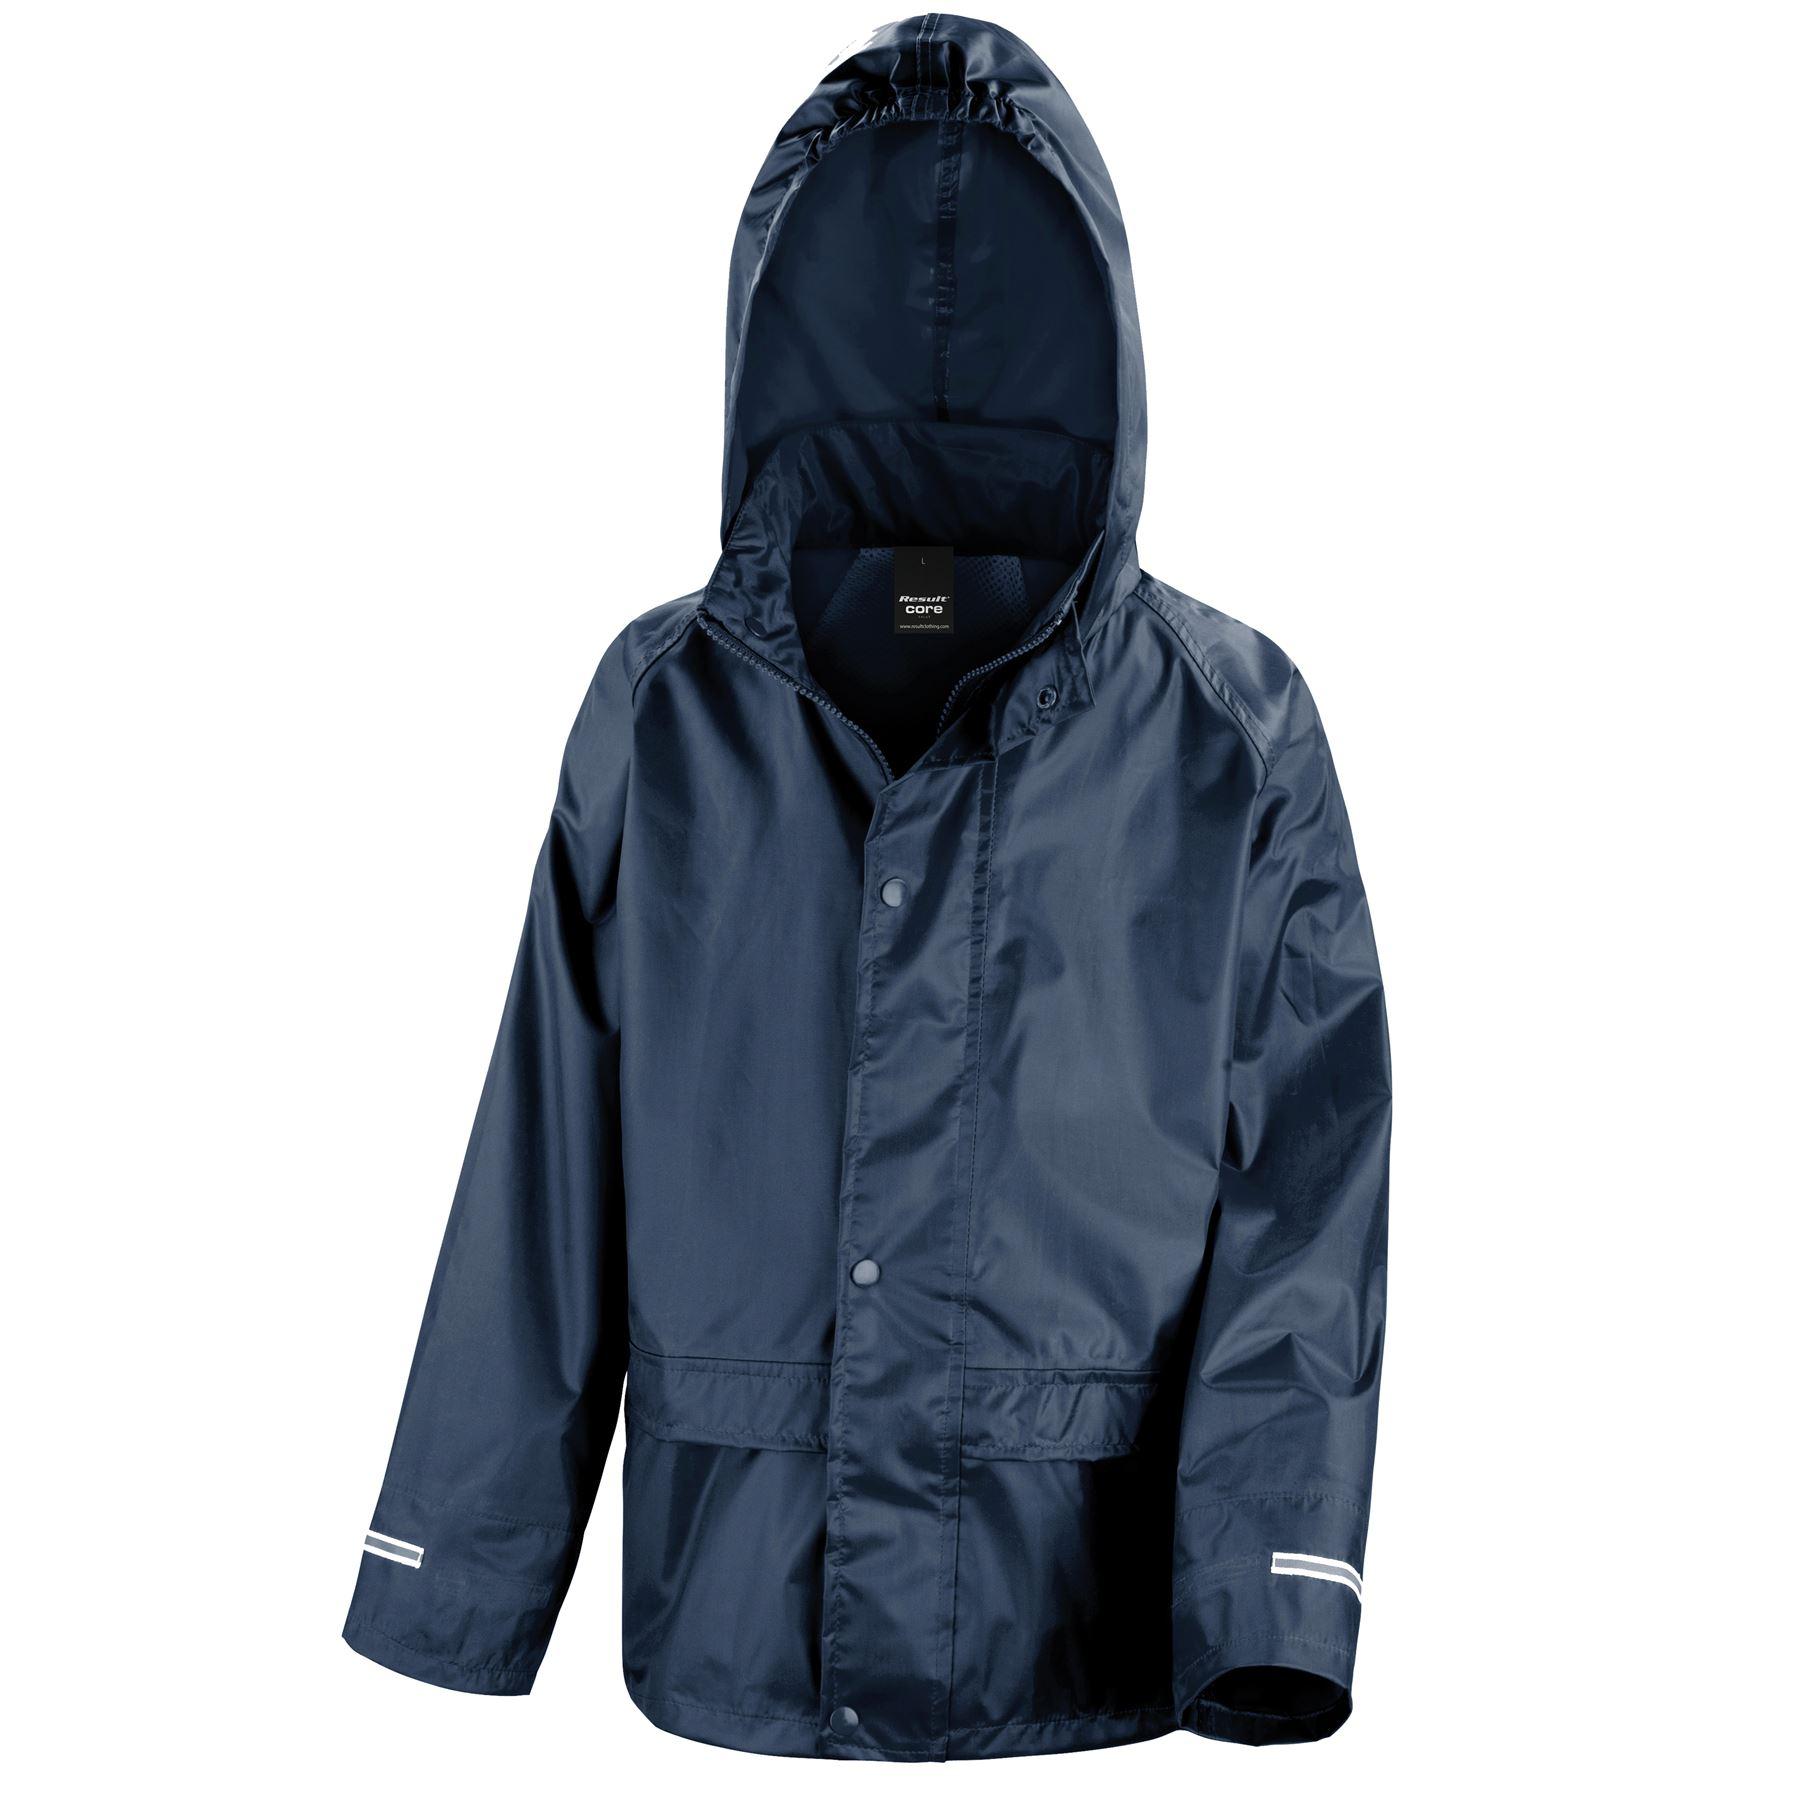 Result Core-Childrens Jackets-Core junior StormDri jacket